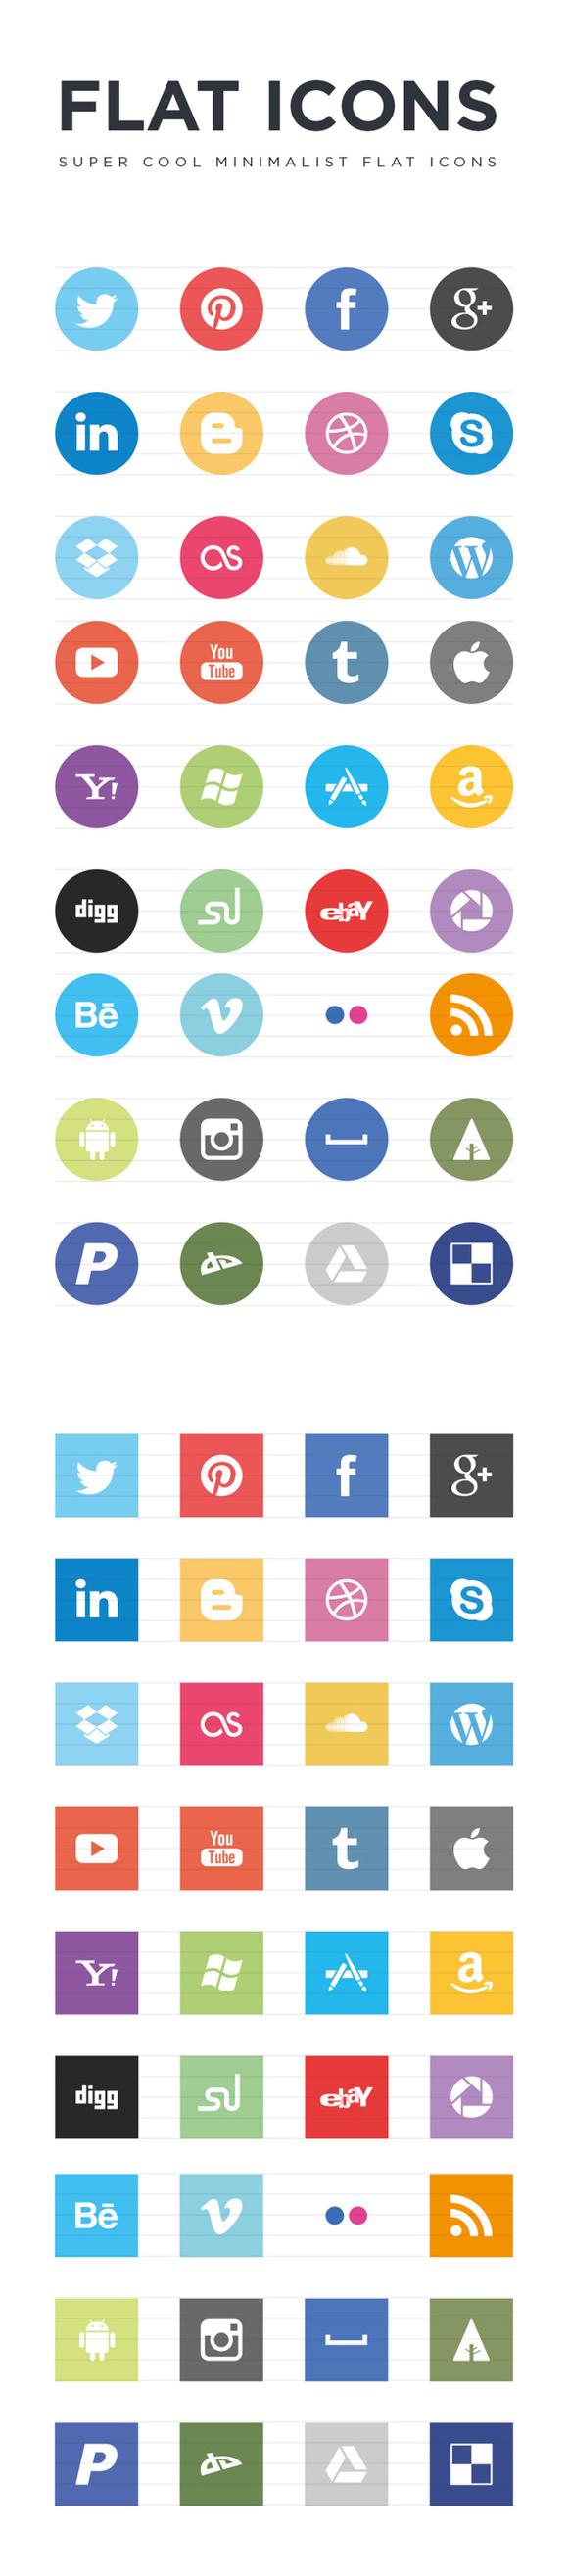 FREE Flat Social Ico... Web design freebies, Social